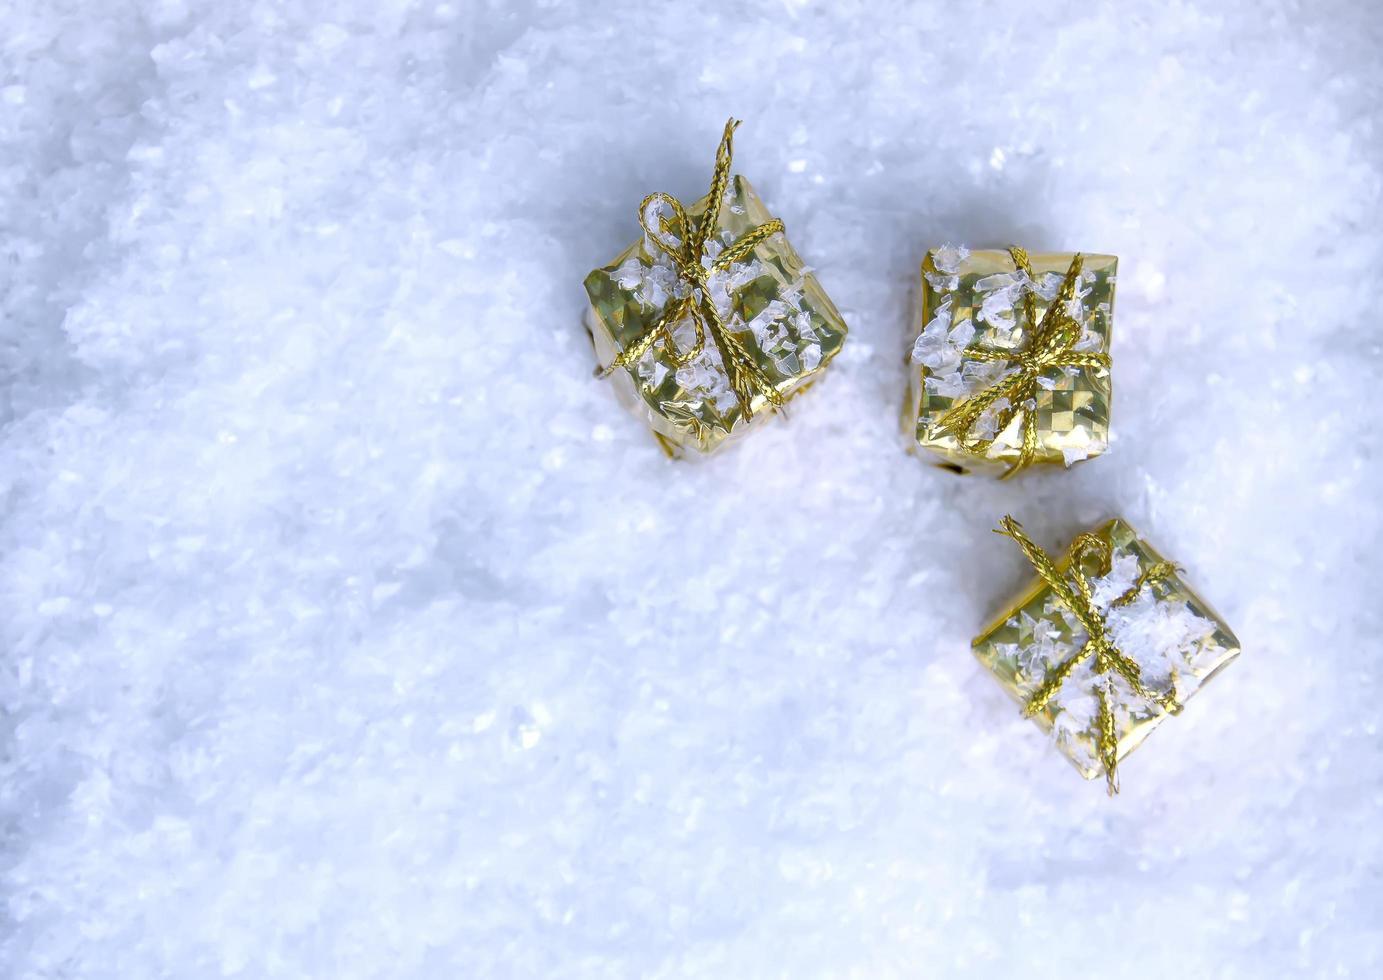 vista dall'alto di regali d'oro nella neve foto